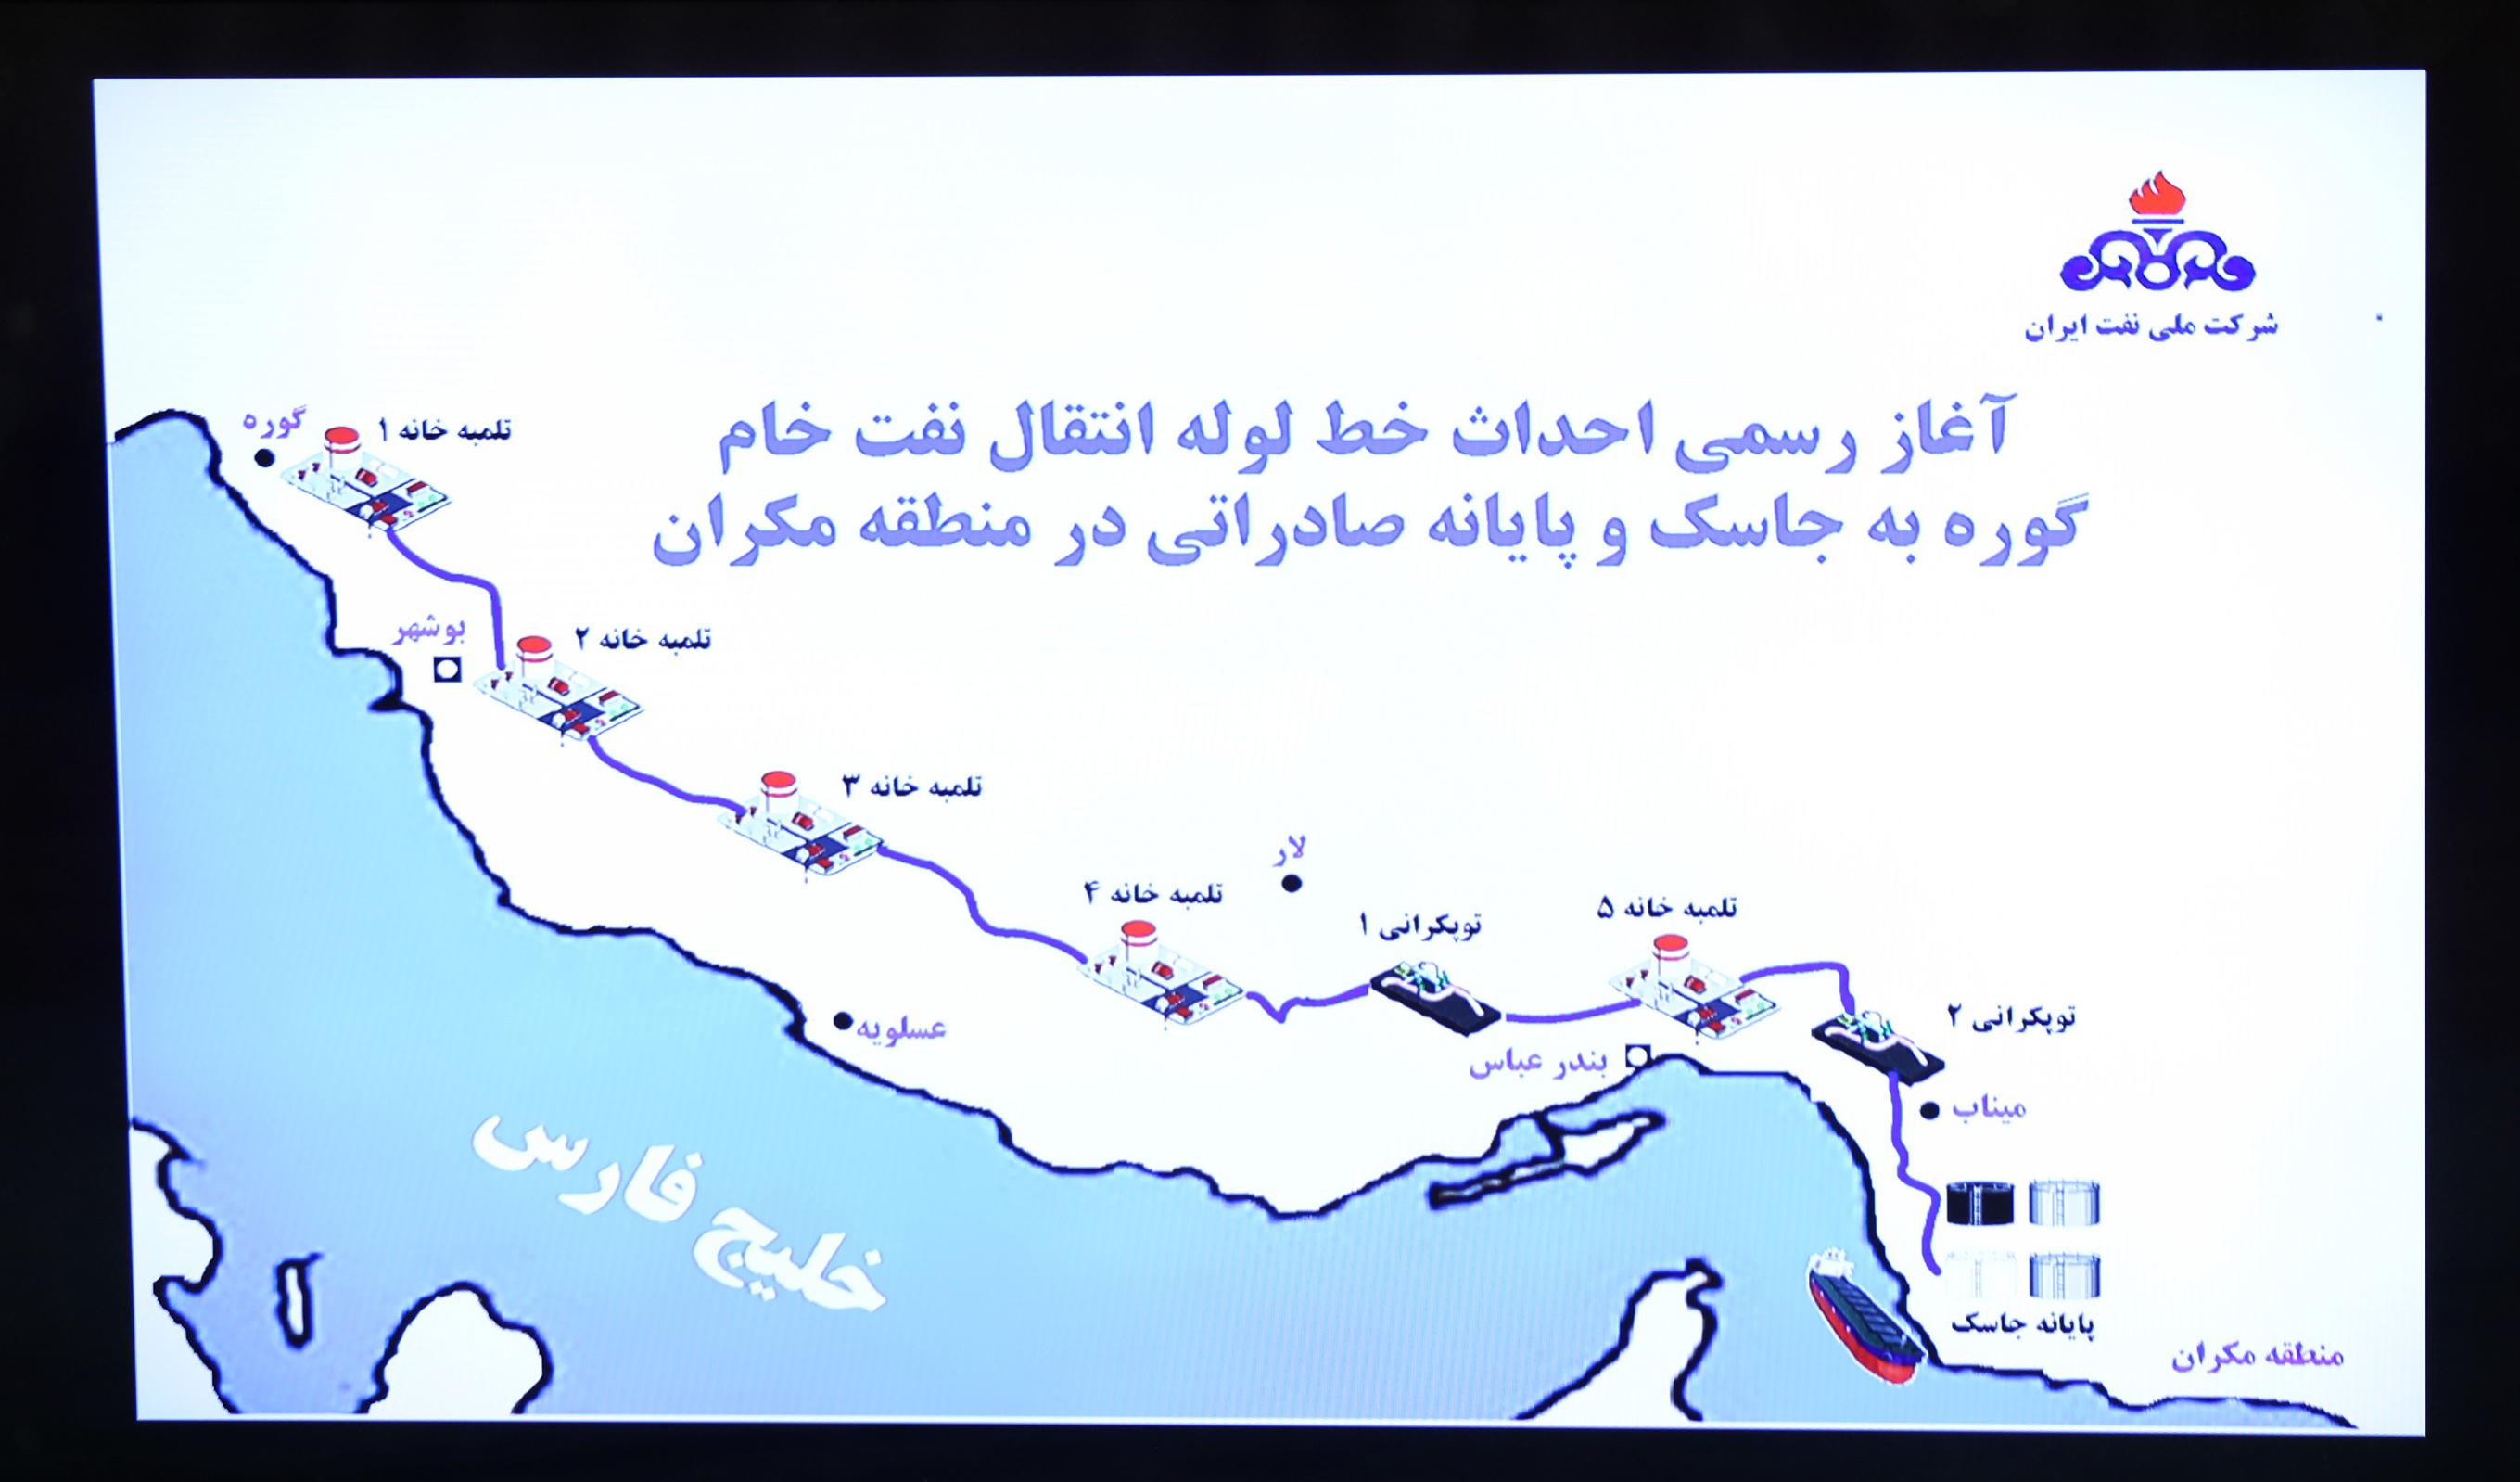 روحانی: جاسک به پایگاه مهم صادرات نفت ایران تبدیل خواهد شد / صادرات یک میلیون بشکه نفت از جاسک در آینده